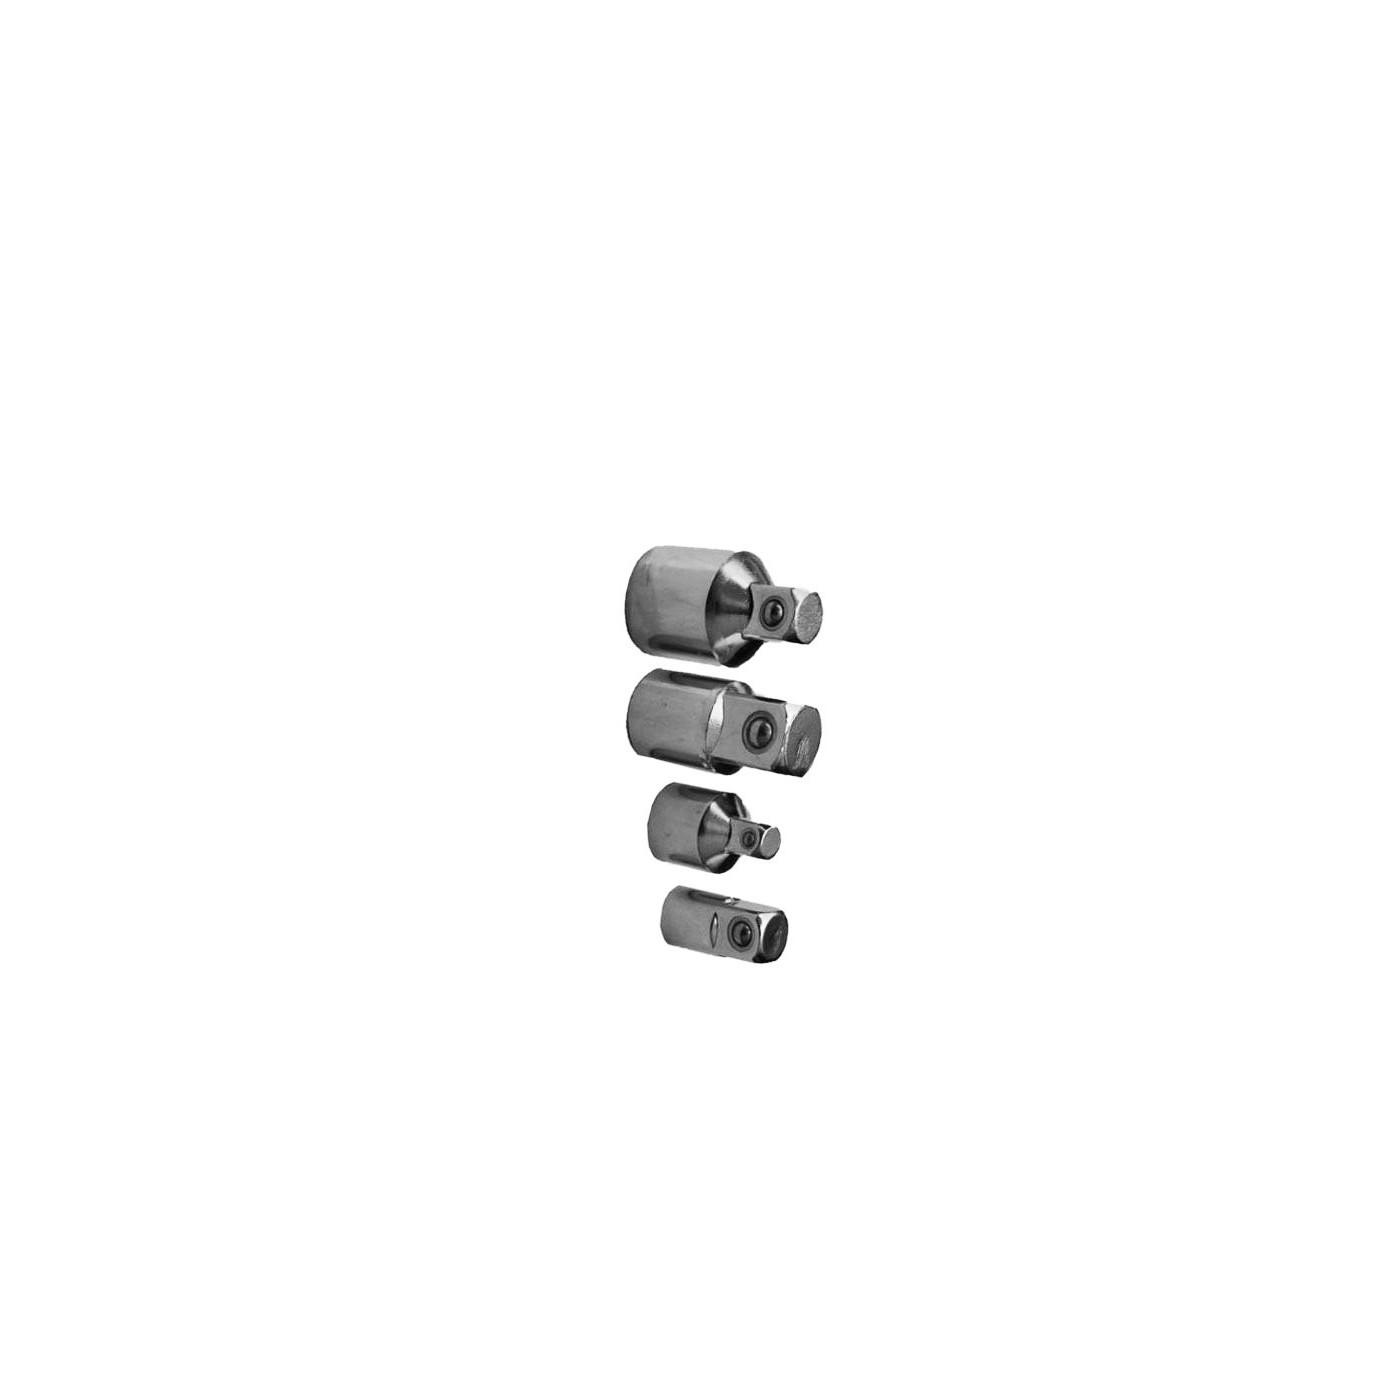 Adaptadores de soquete (4 peças)  - 1